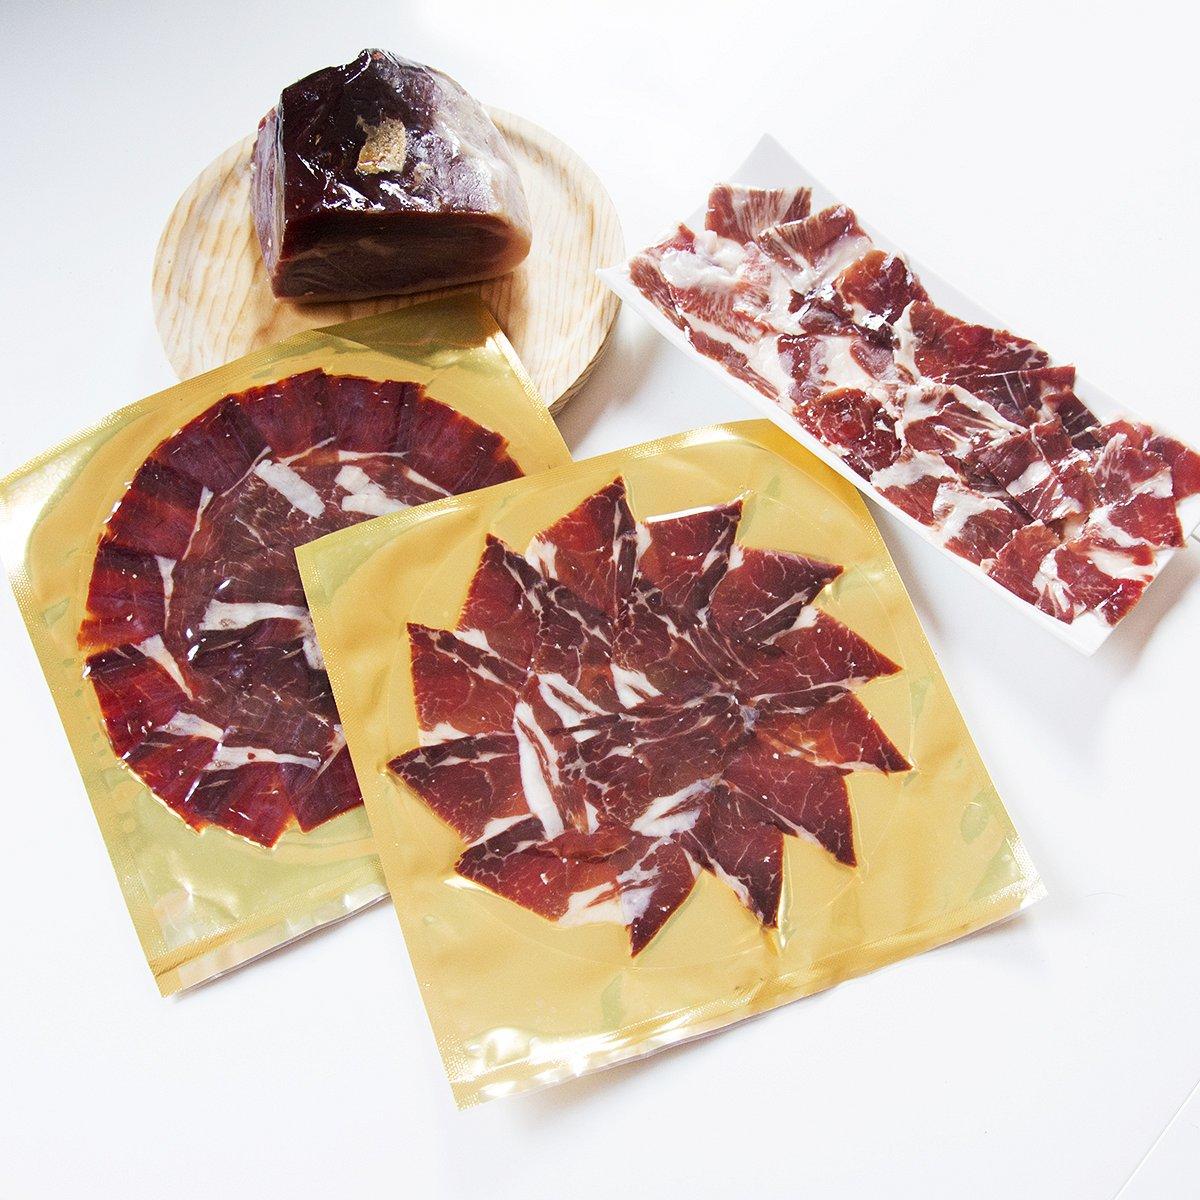 Jamón de bellota ibérico 50% raza ibérica CORTADO a cuchillo (cortador profesional)